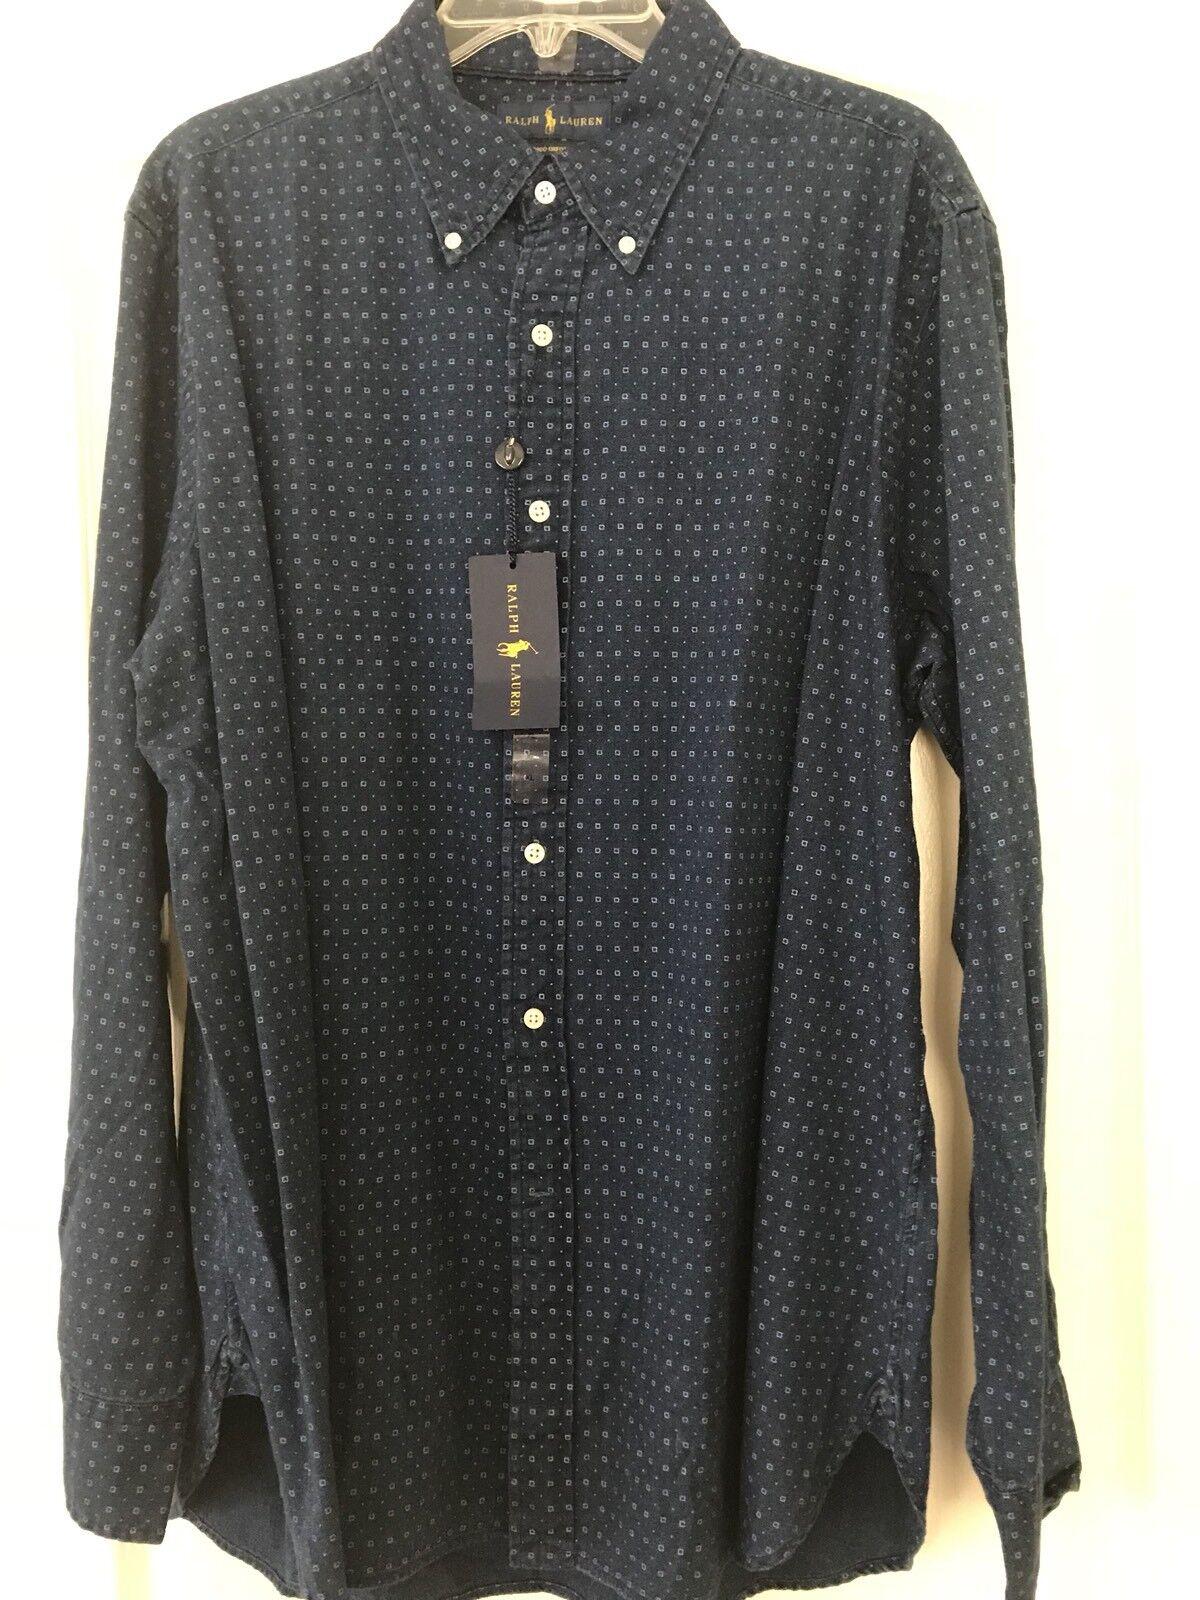 New Polo Ralph Lauren Indigo Oxford Dress Shirt XLarge  XL